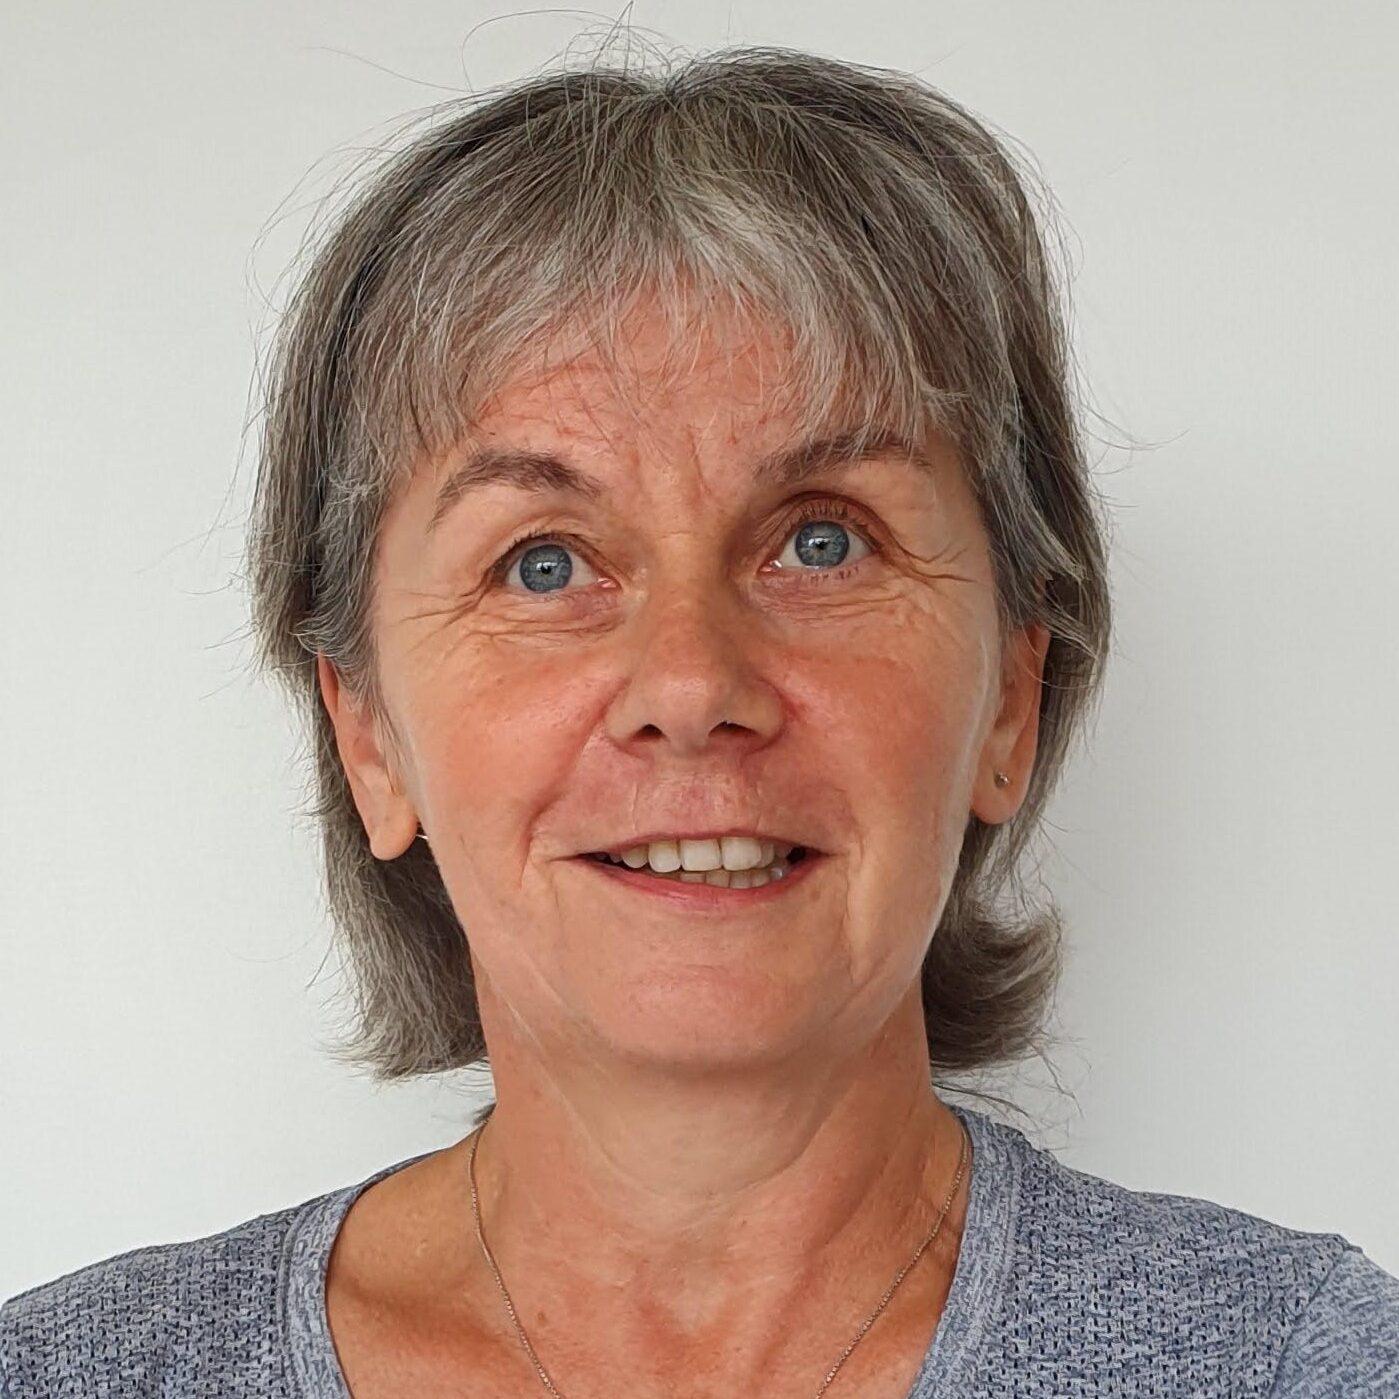 Iwona Faltz